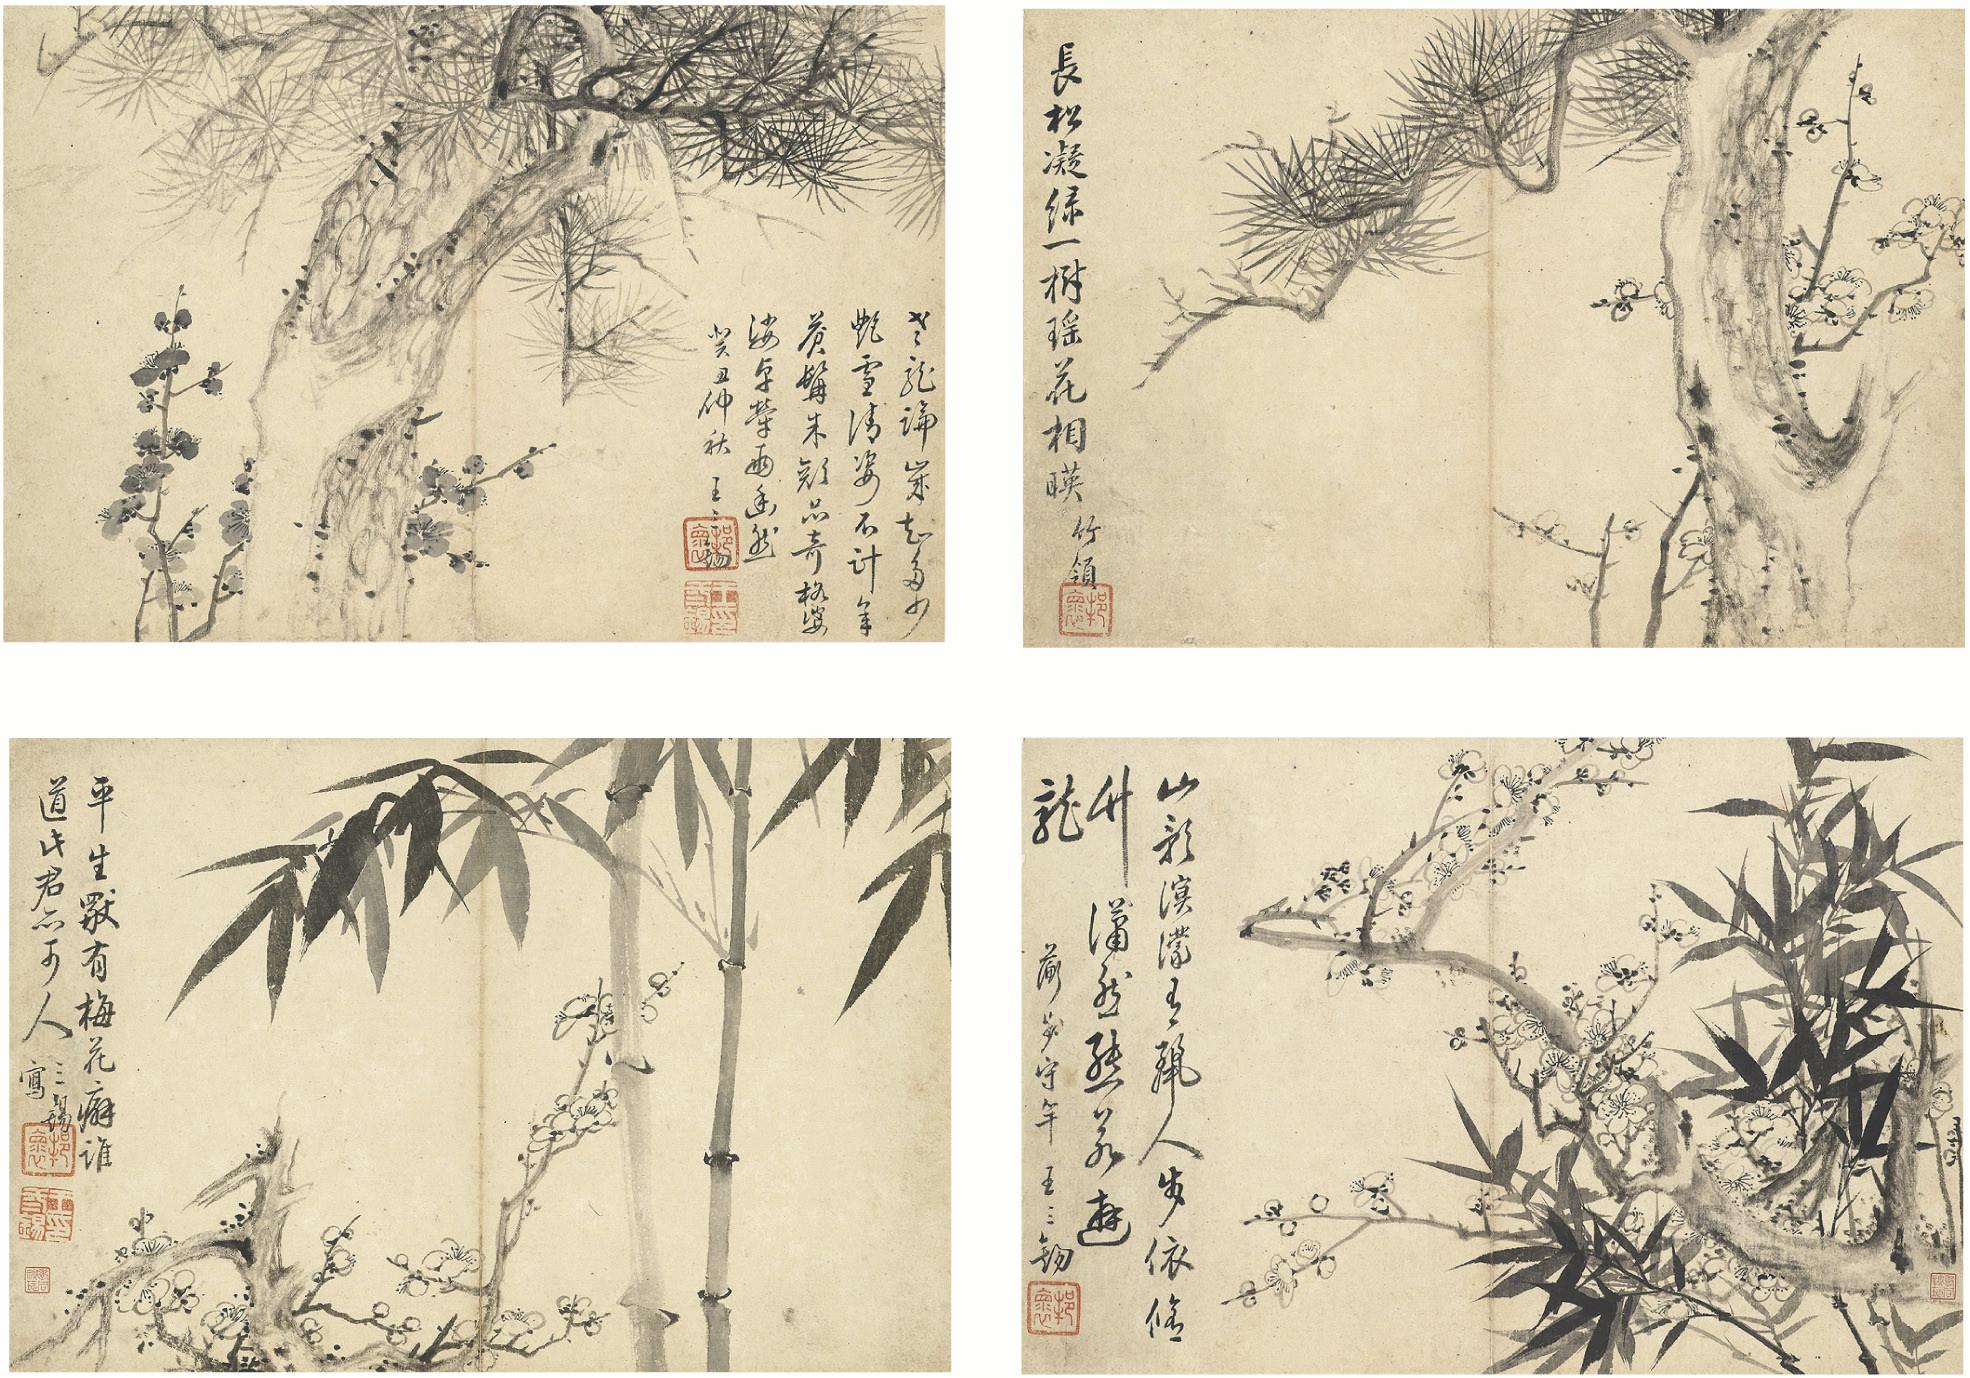 WANG SANXI(1716-1795)